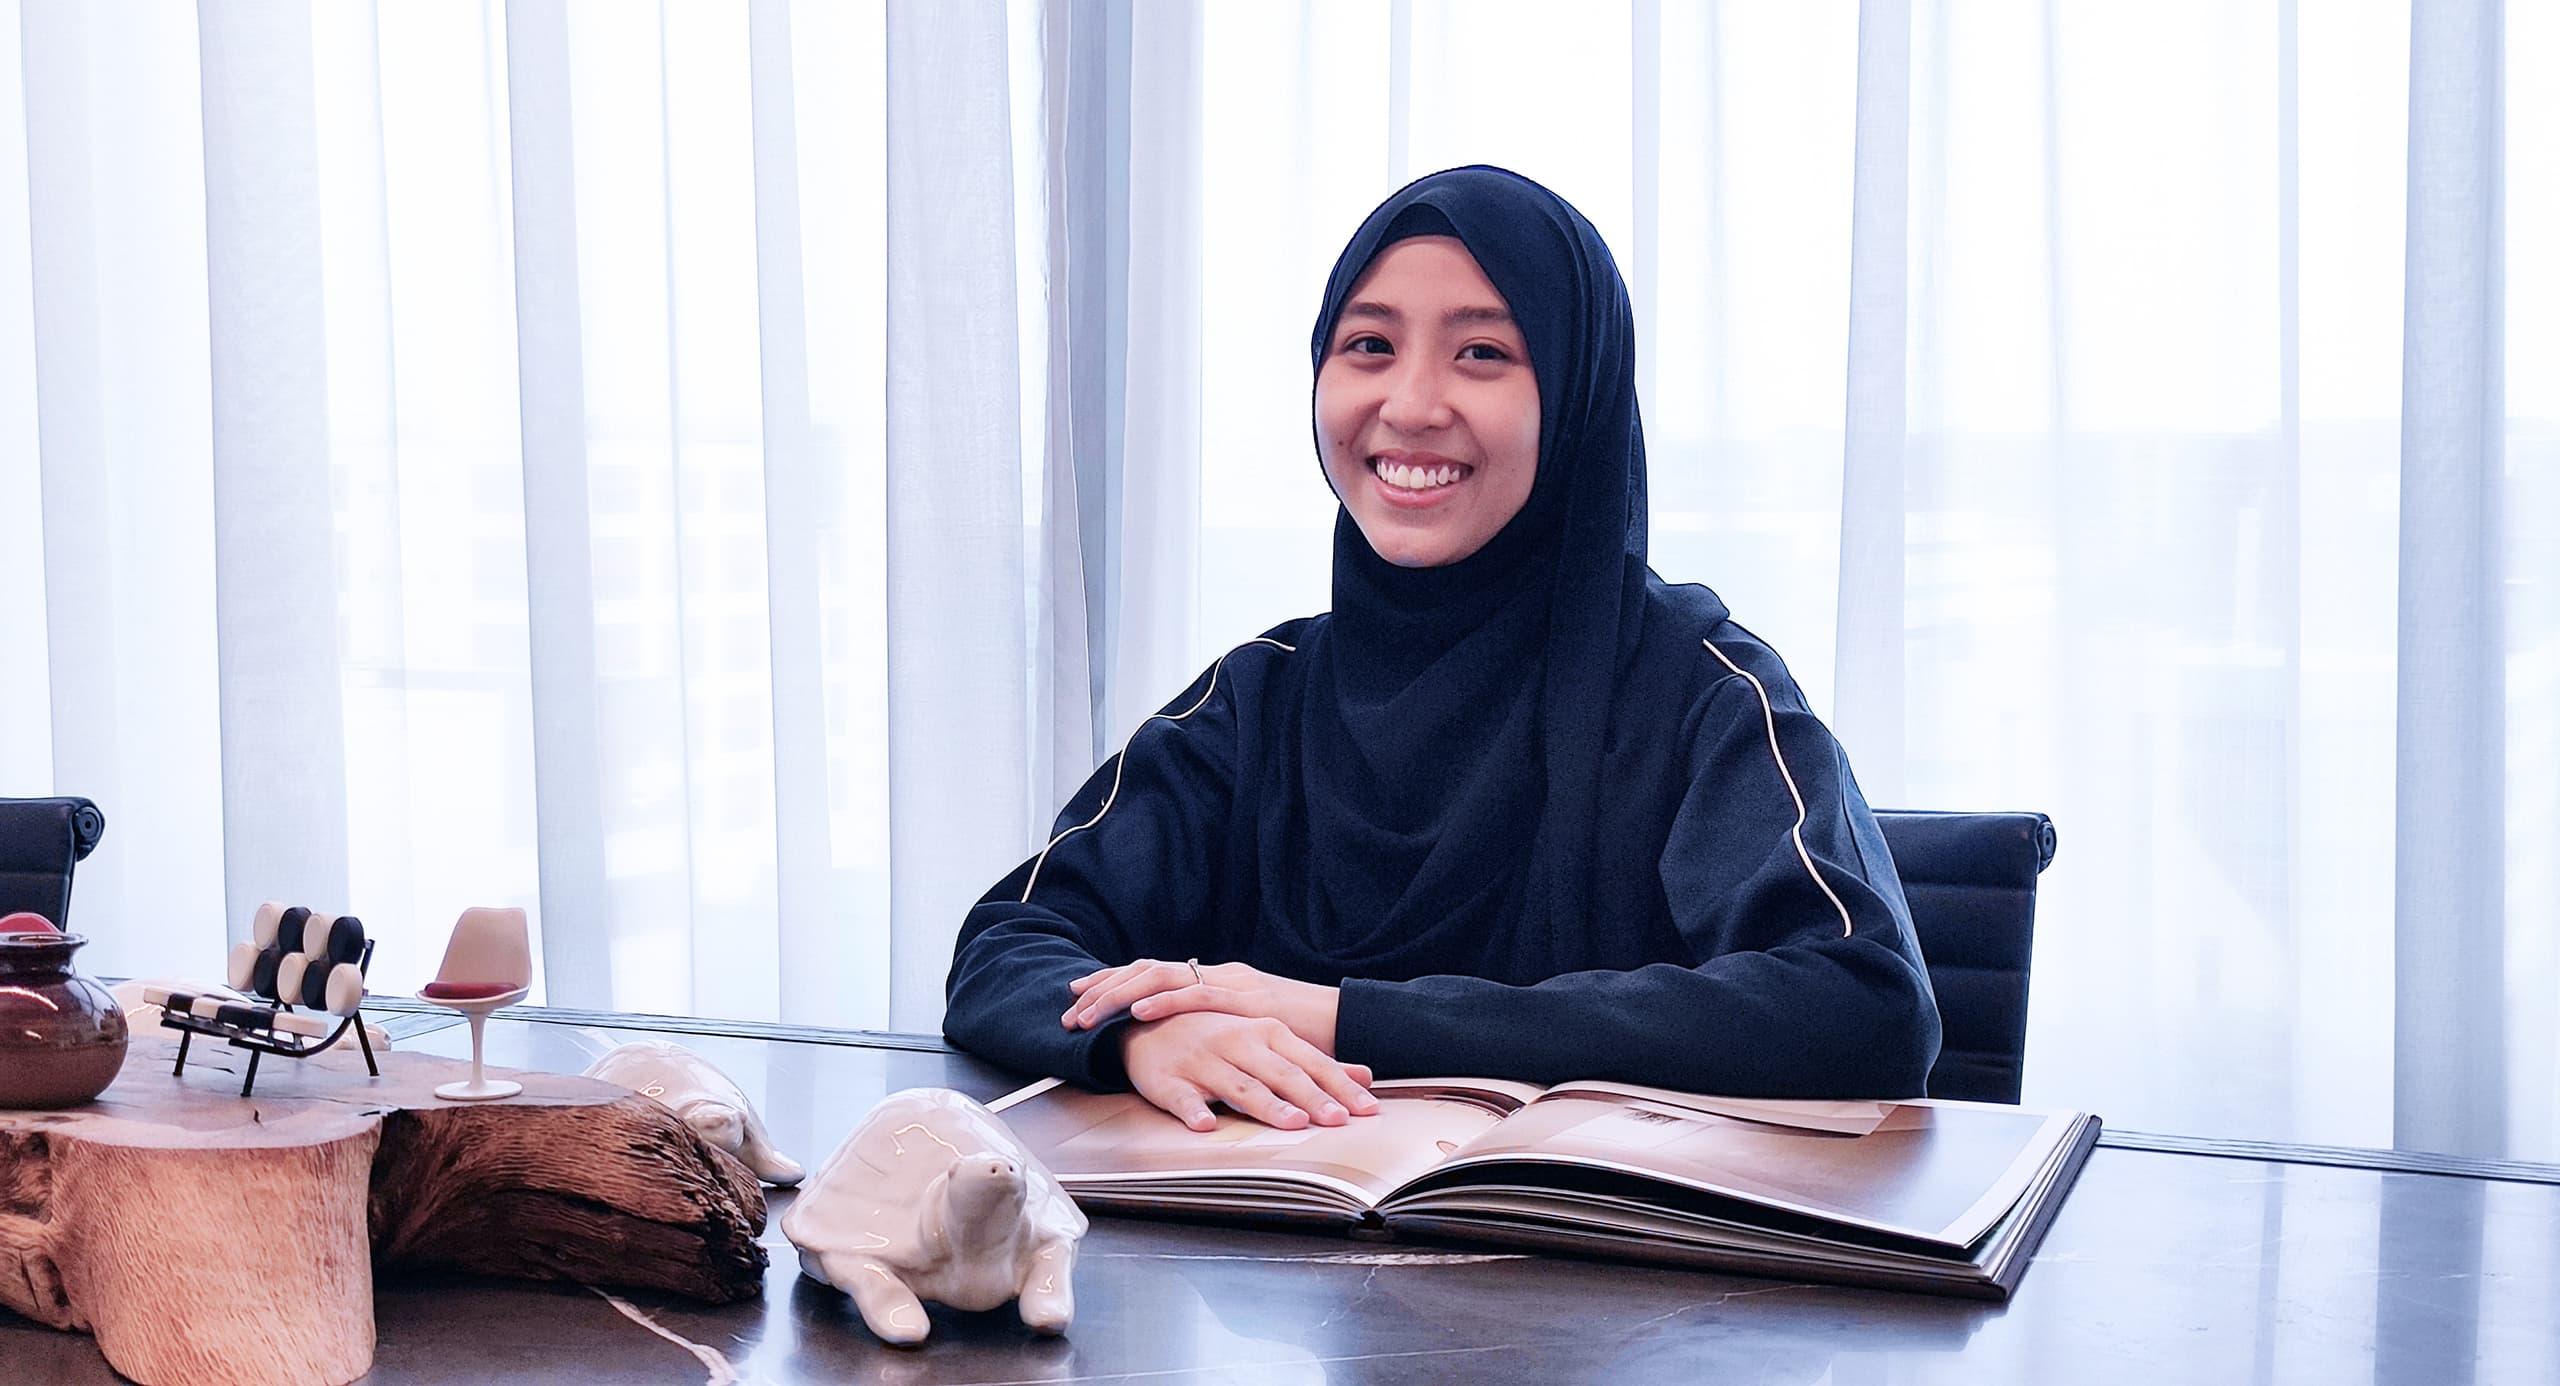 Nuriah Binte Meske